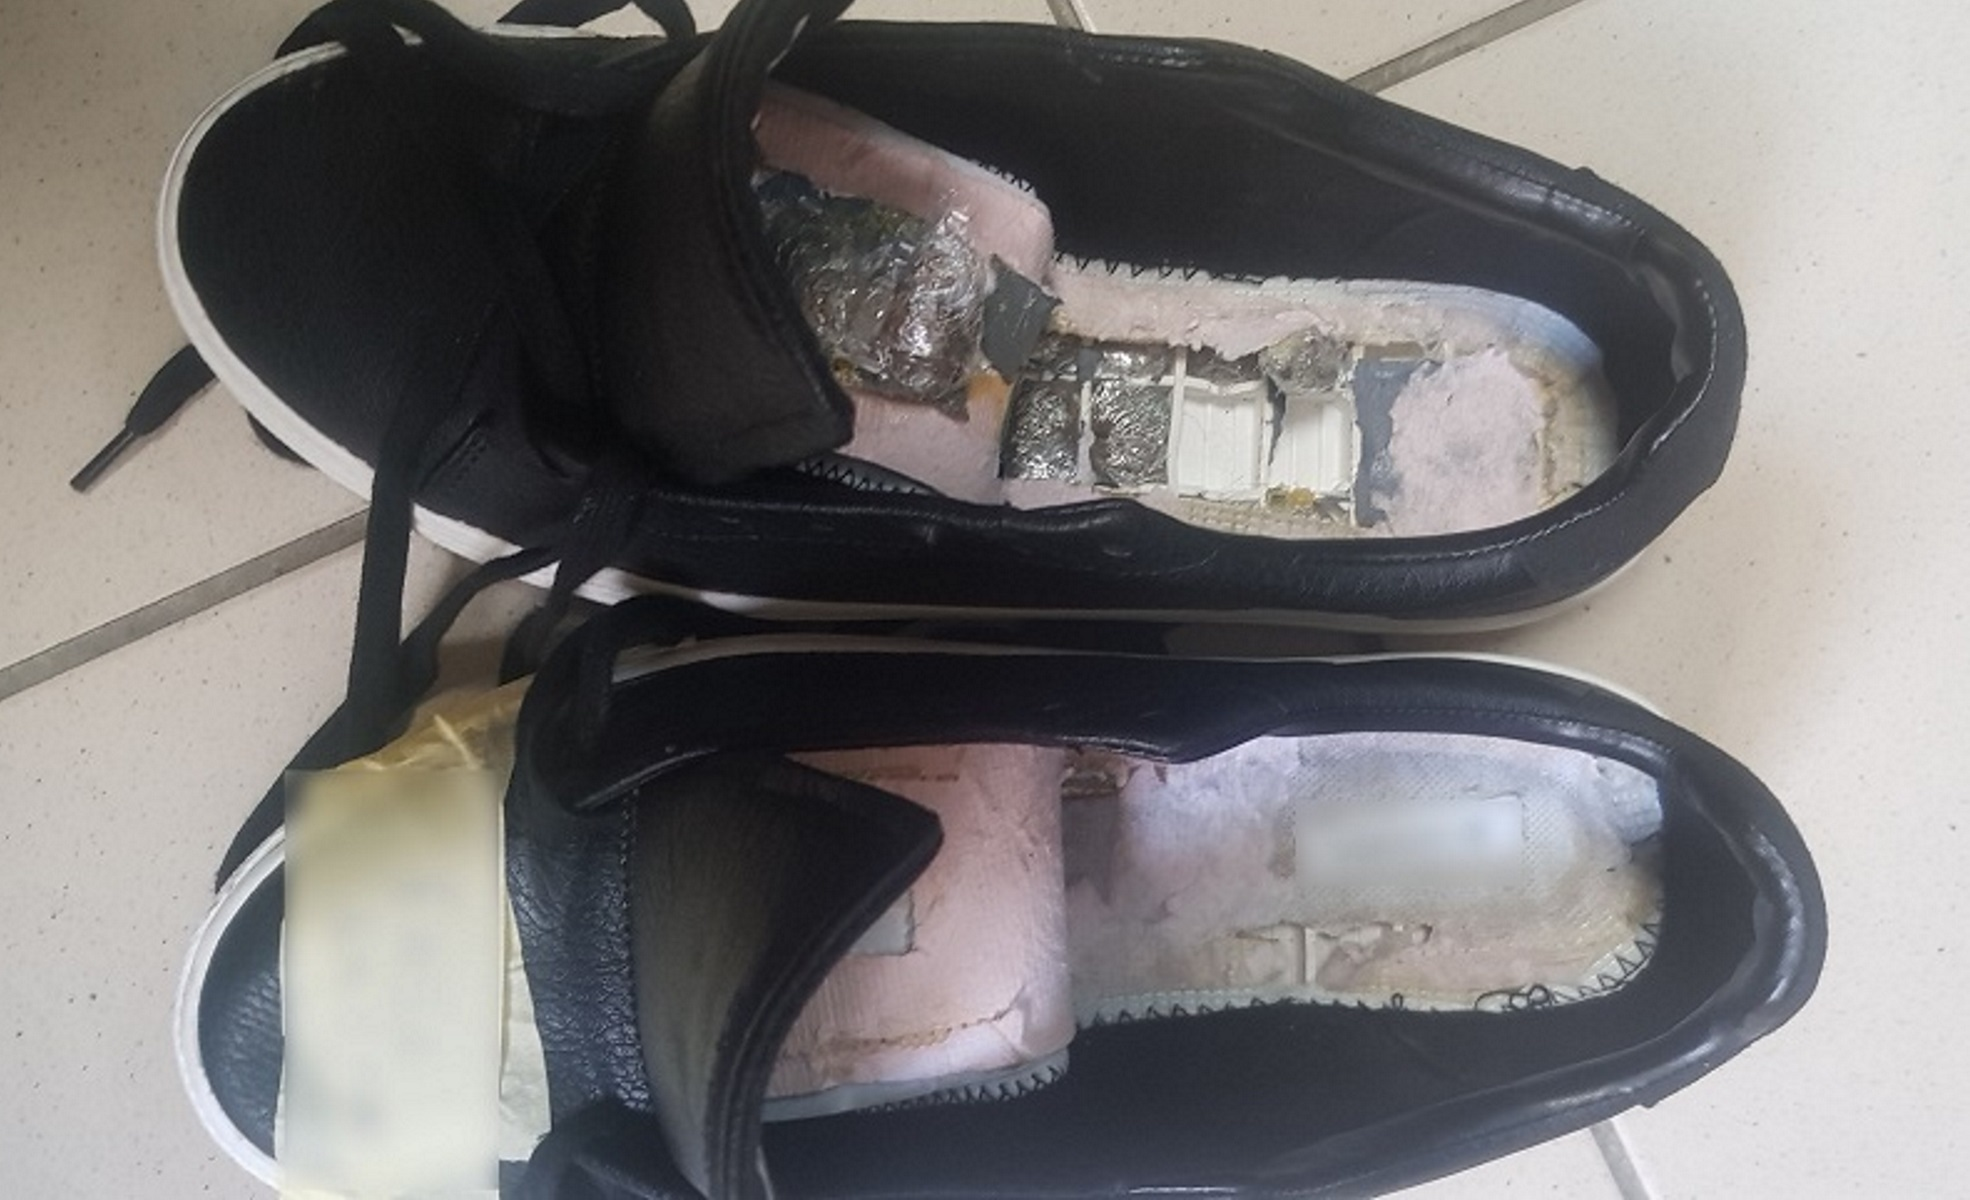 Χανιά: Οι σόλες των παπουτσιών έκρυβαν ναρκωτικά! [pics]